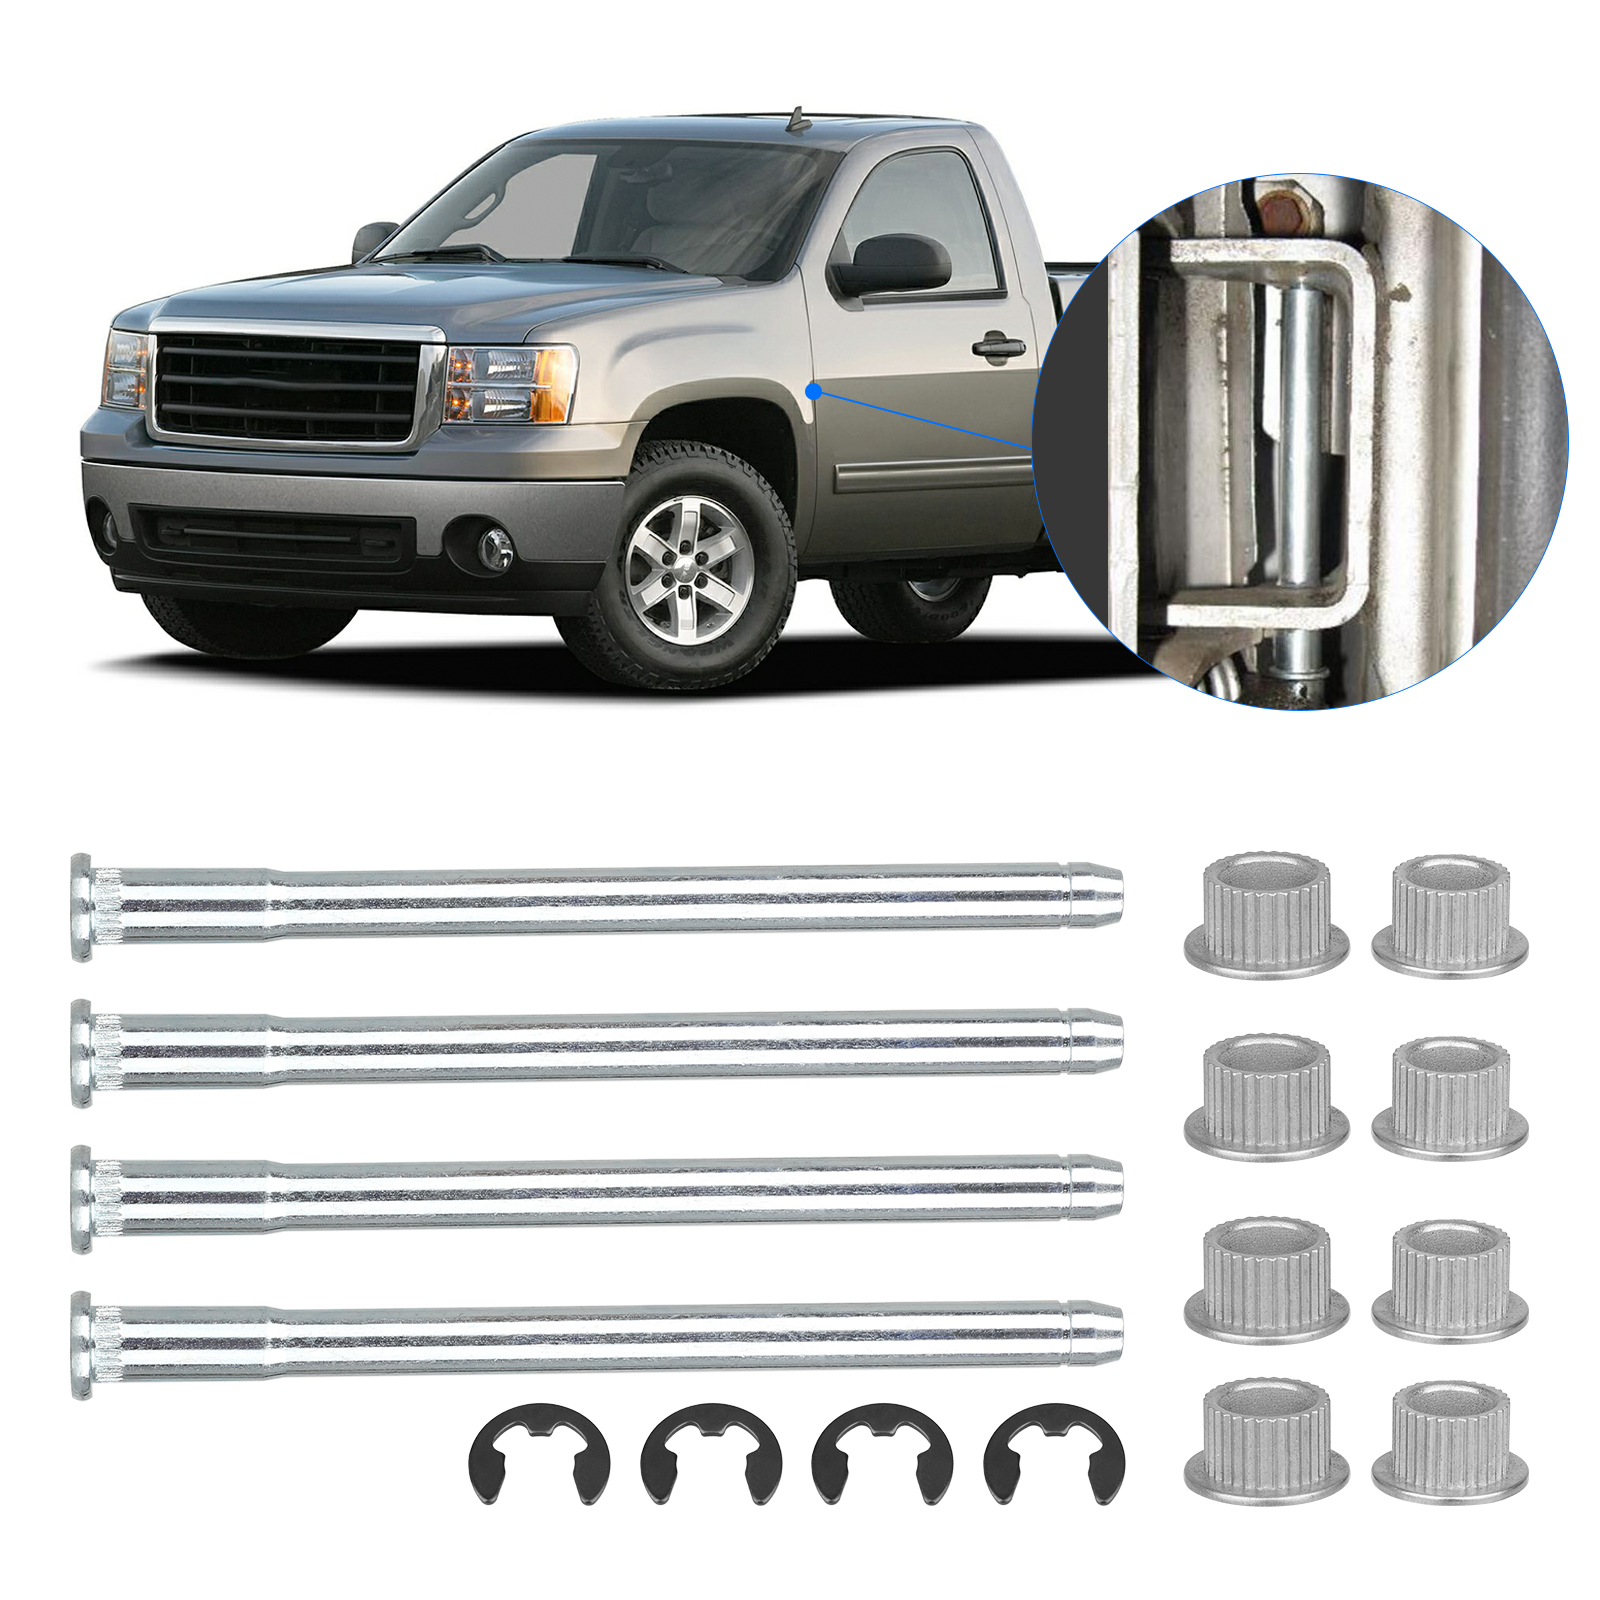 For Chevy GMC Full size Truck SUV Door Hinge Pins 88-02 2 DOOR Accessories Nice